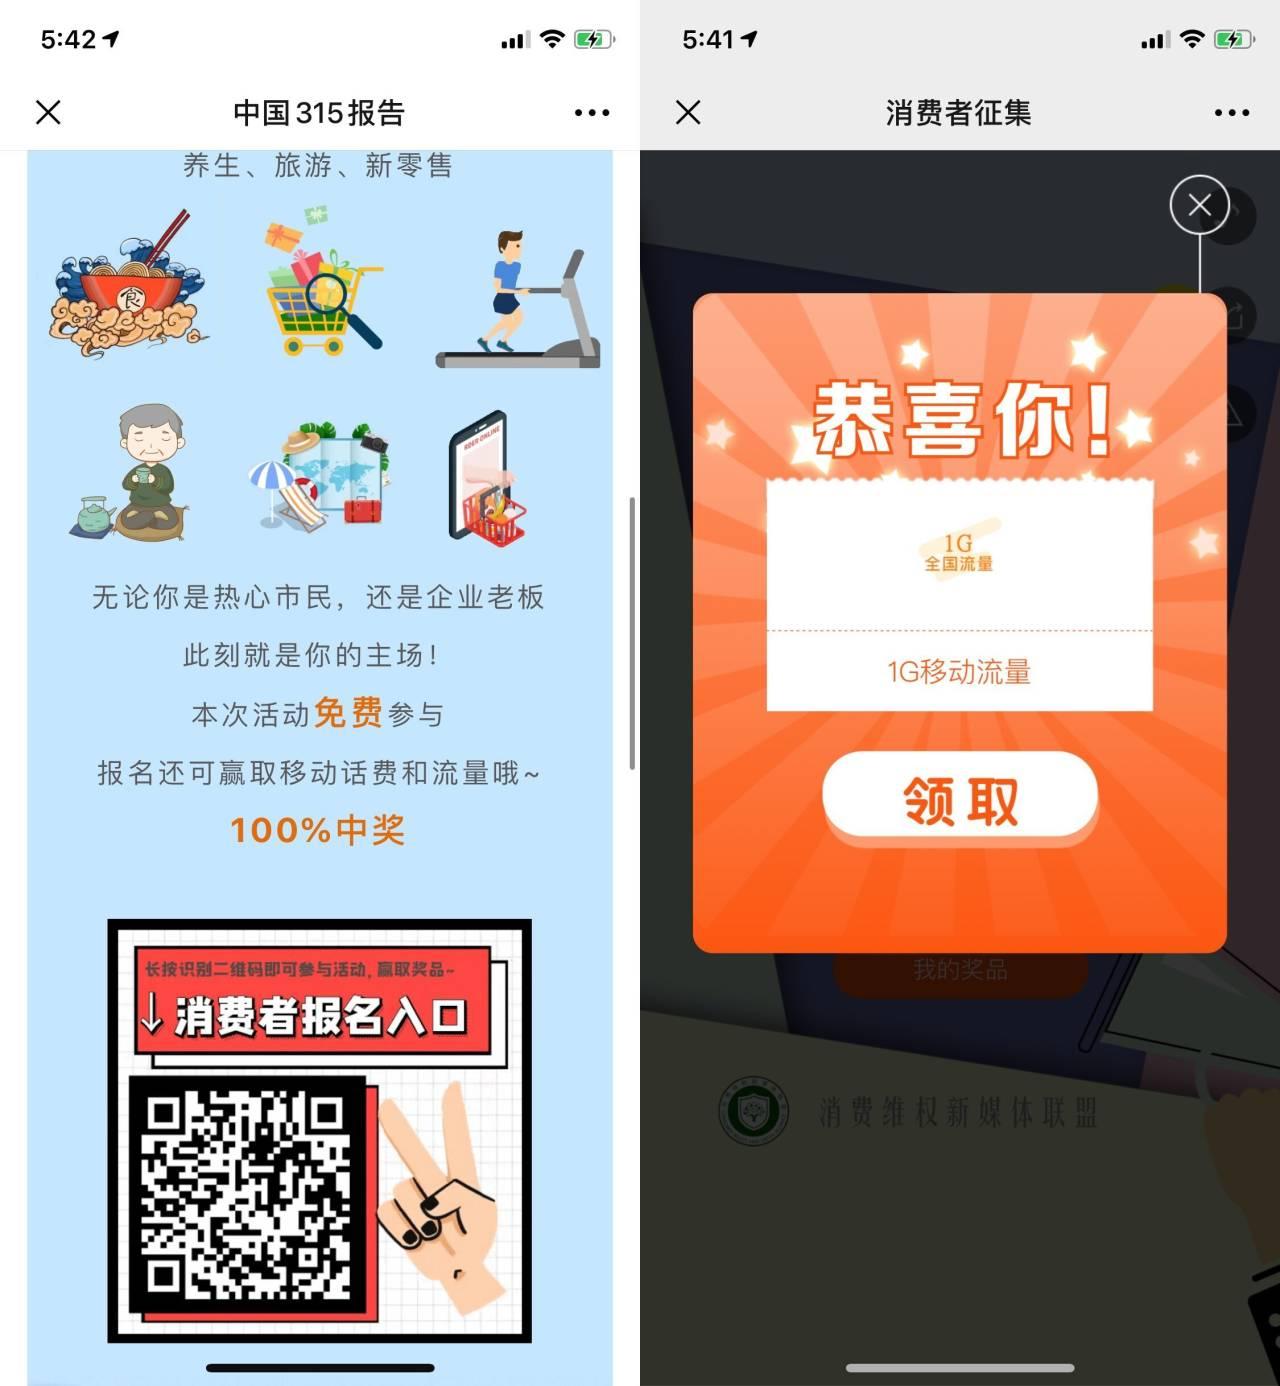 中国315消费者征集领取1g移动流量包